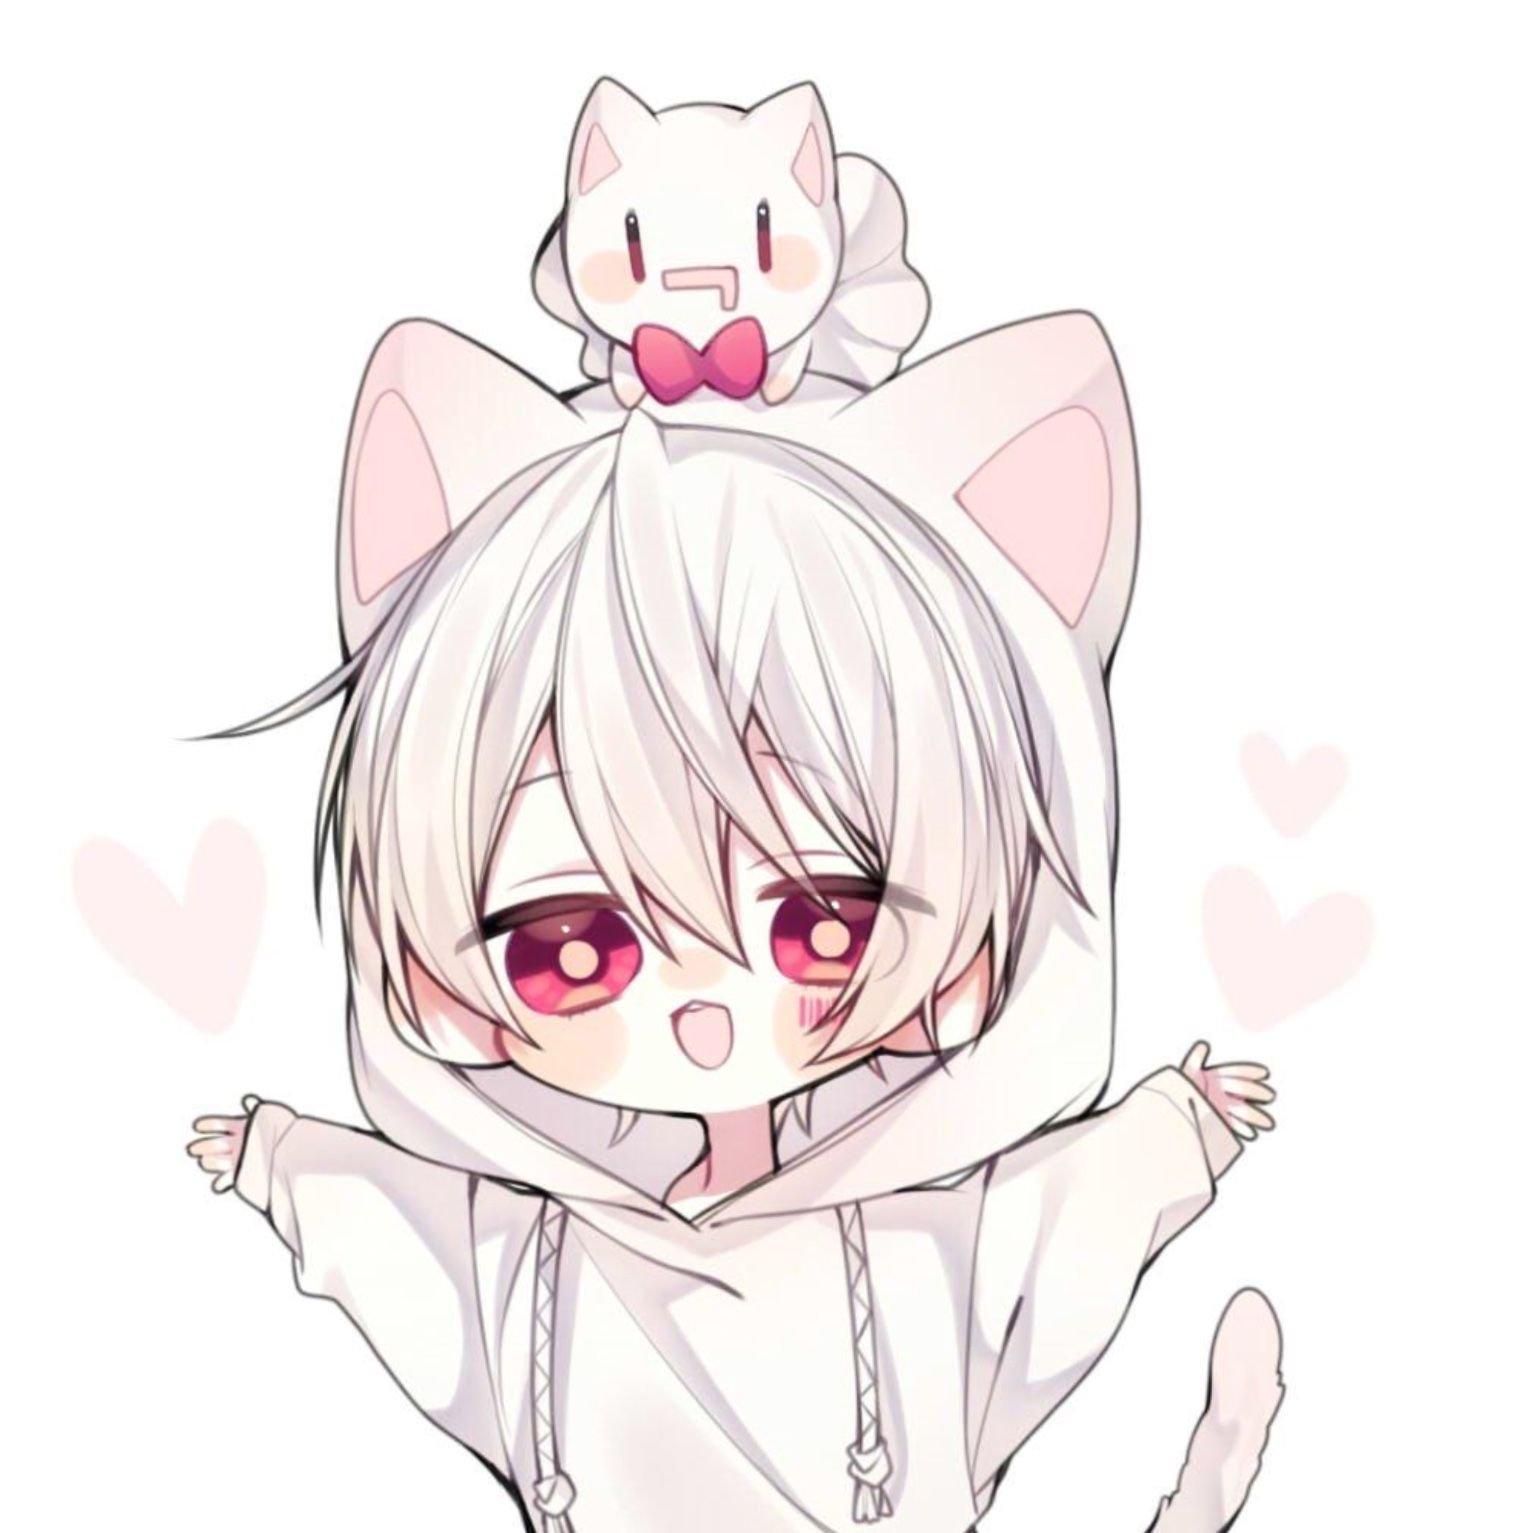 Ảnh anime chibi boy